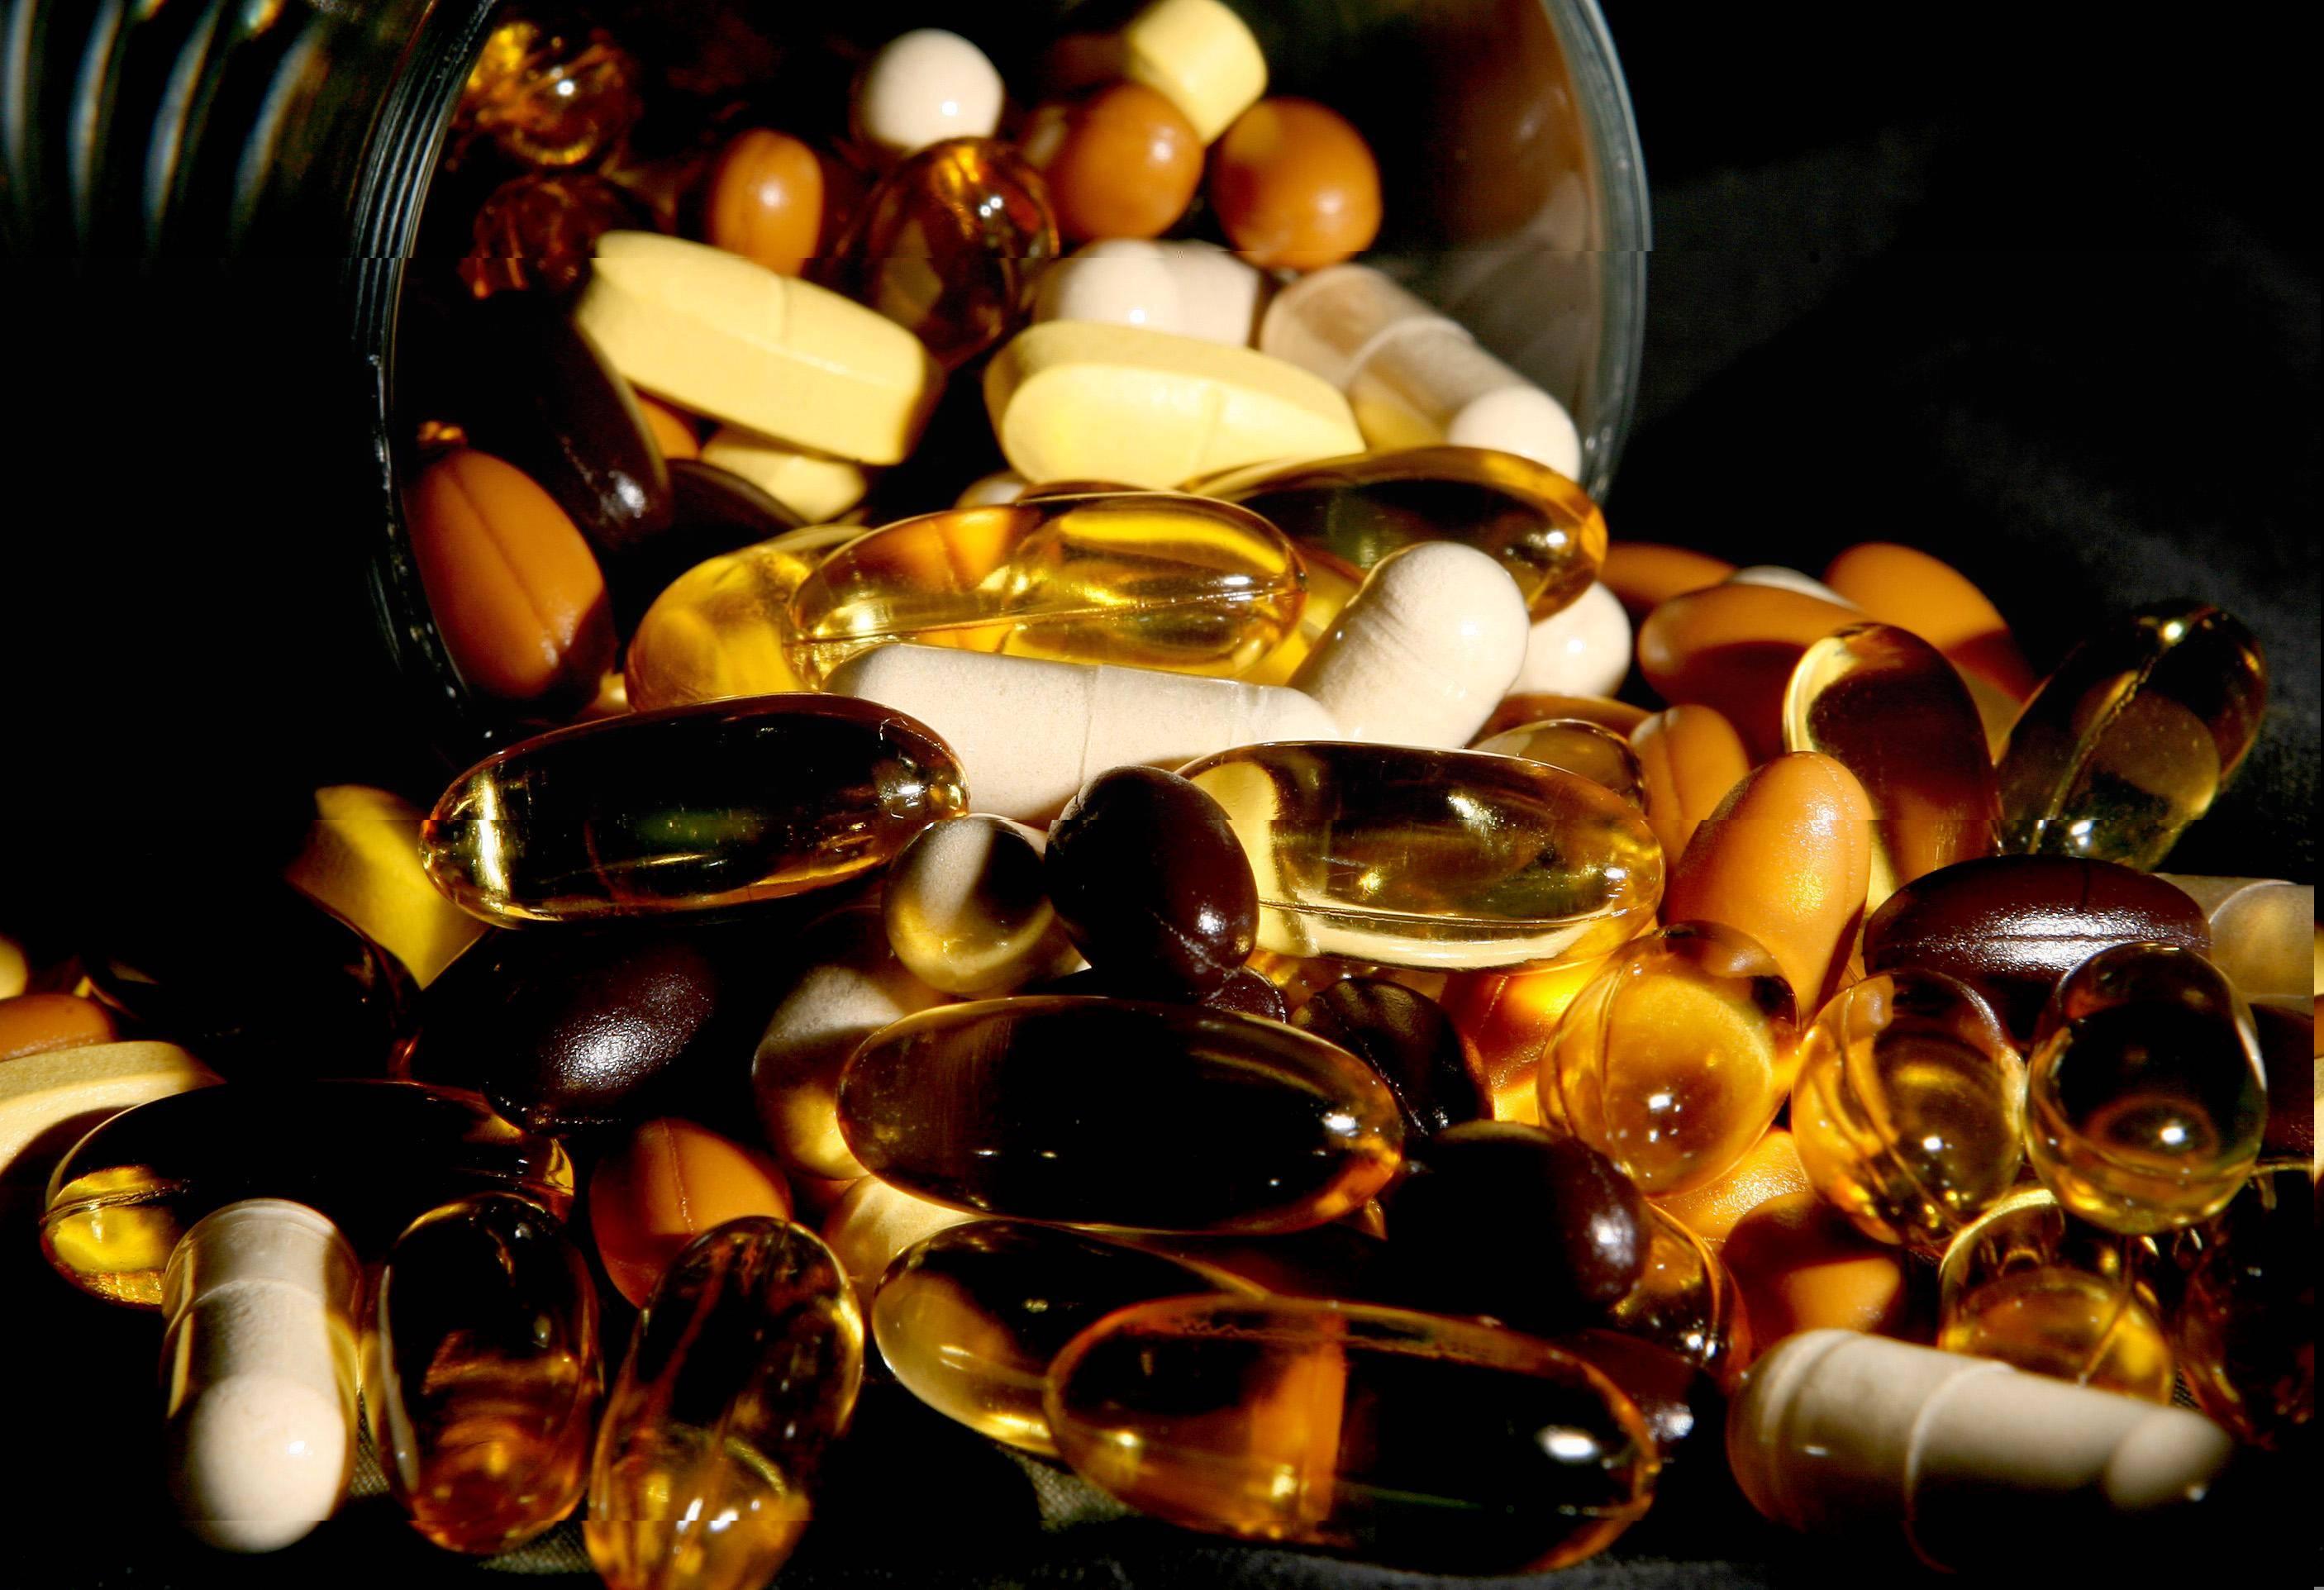 Как самостоятельно определить наличие гипервитаминоза у ребенка. что такое гипервитаминоз и как его лечить?